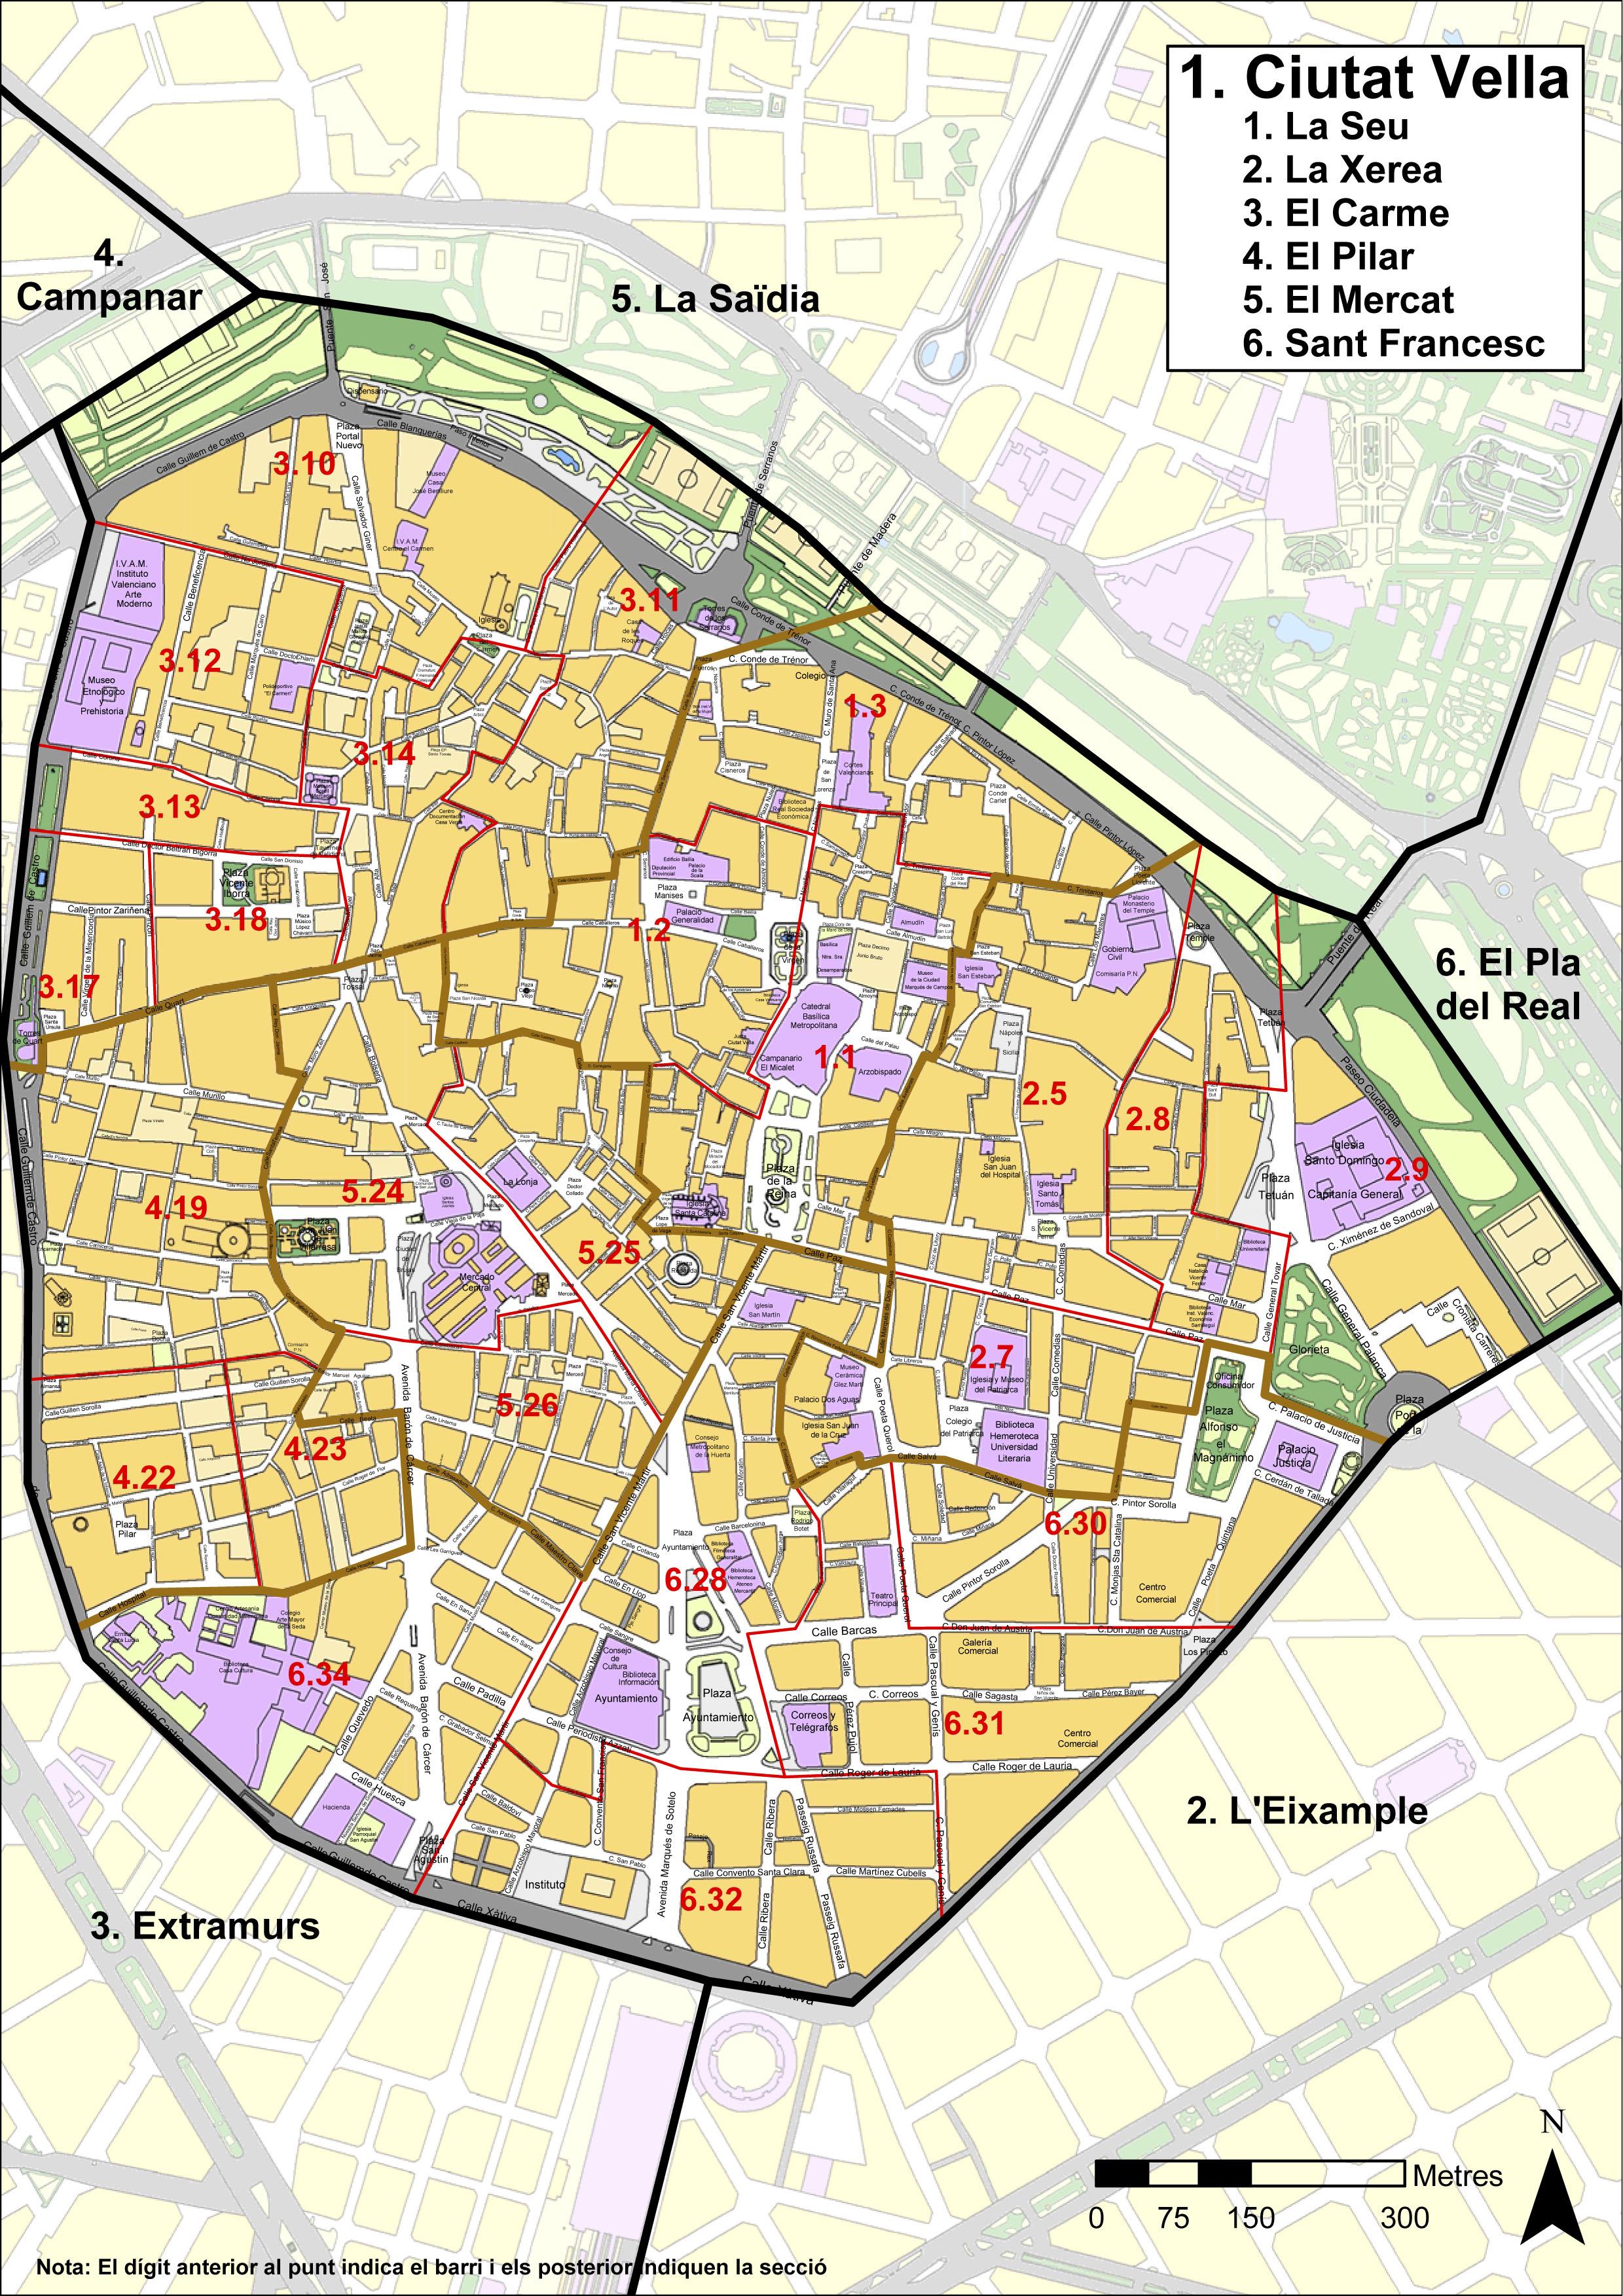 Ciutat Vella district, Valencia